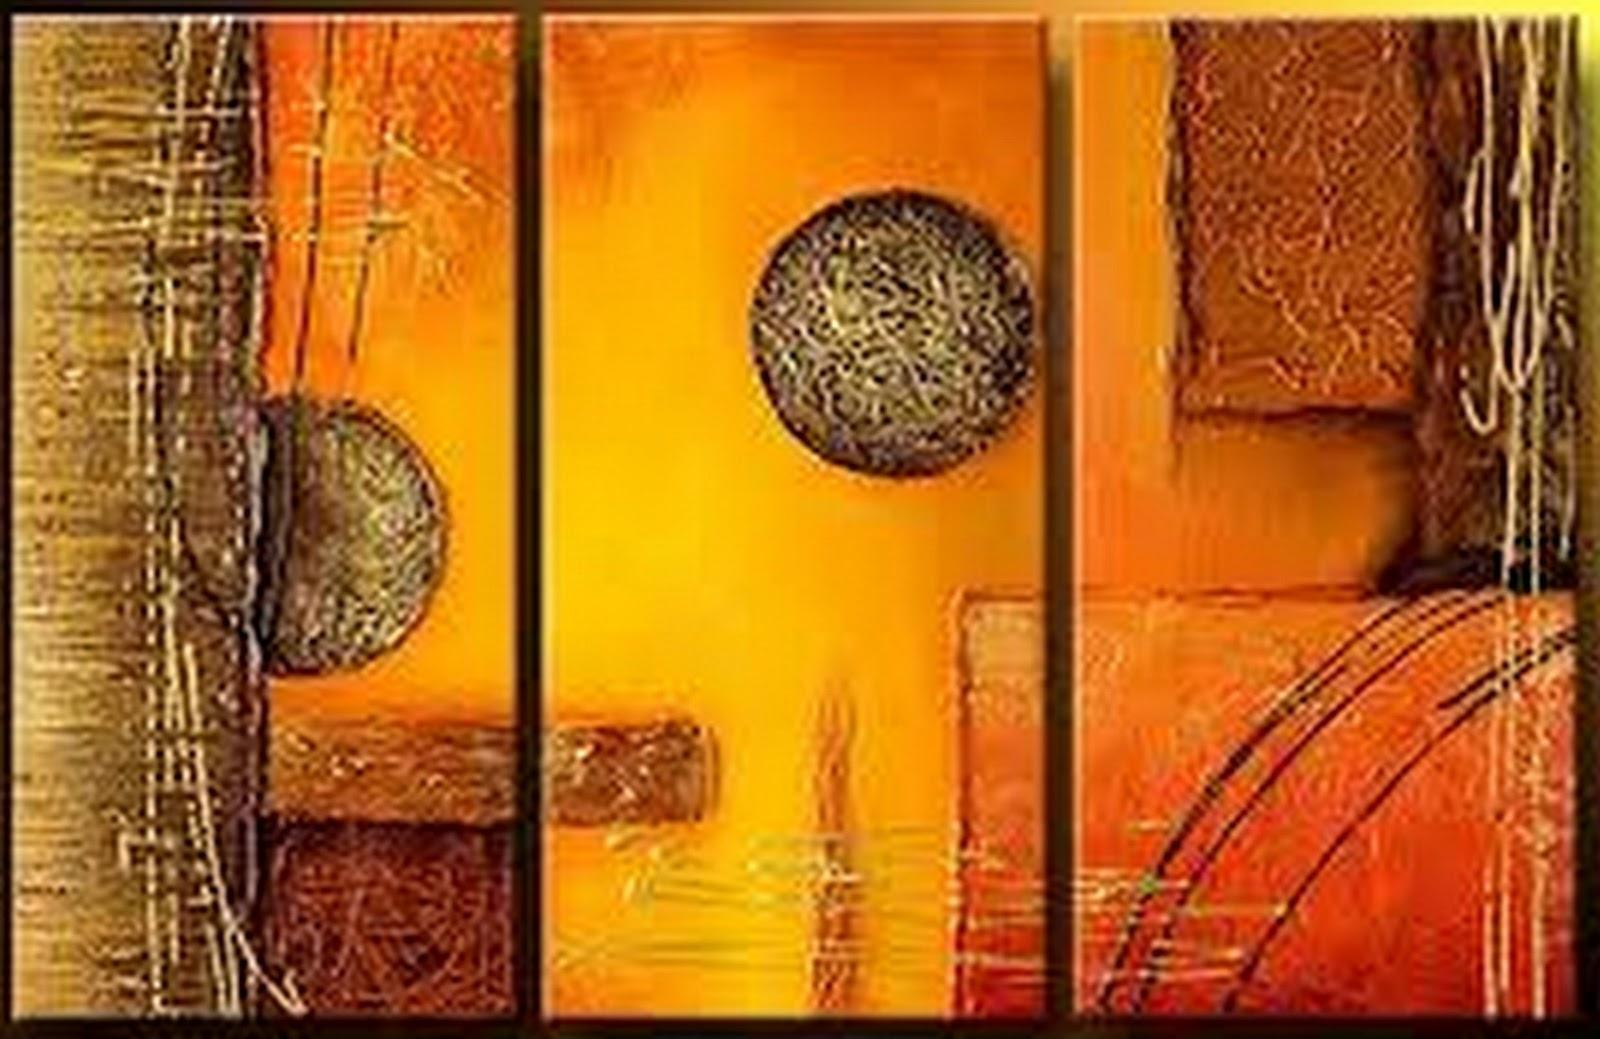 pinturas cuadros lienzos cuadros abstractos modernos